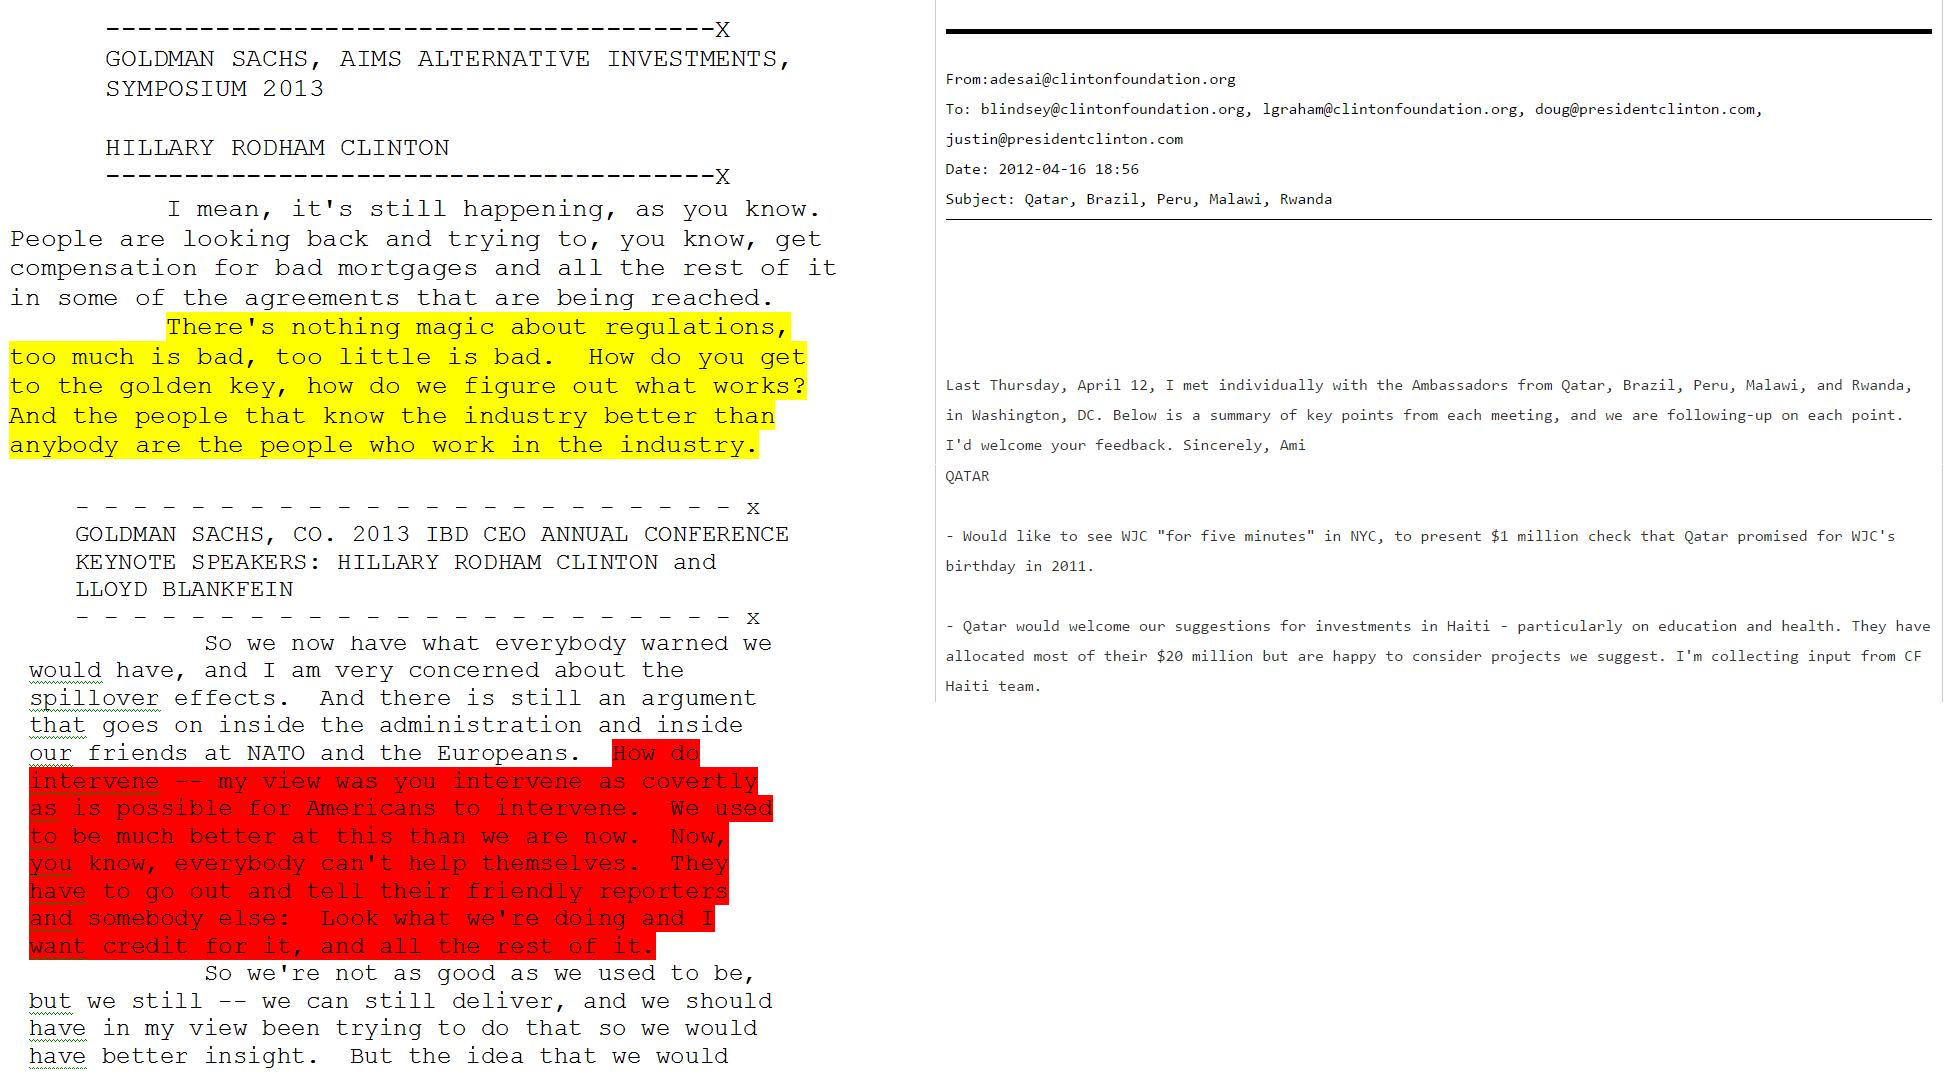 wikileaks-image1